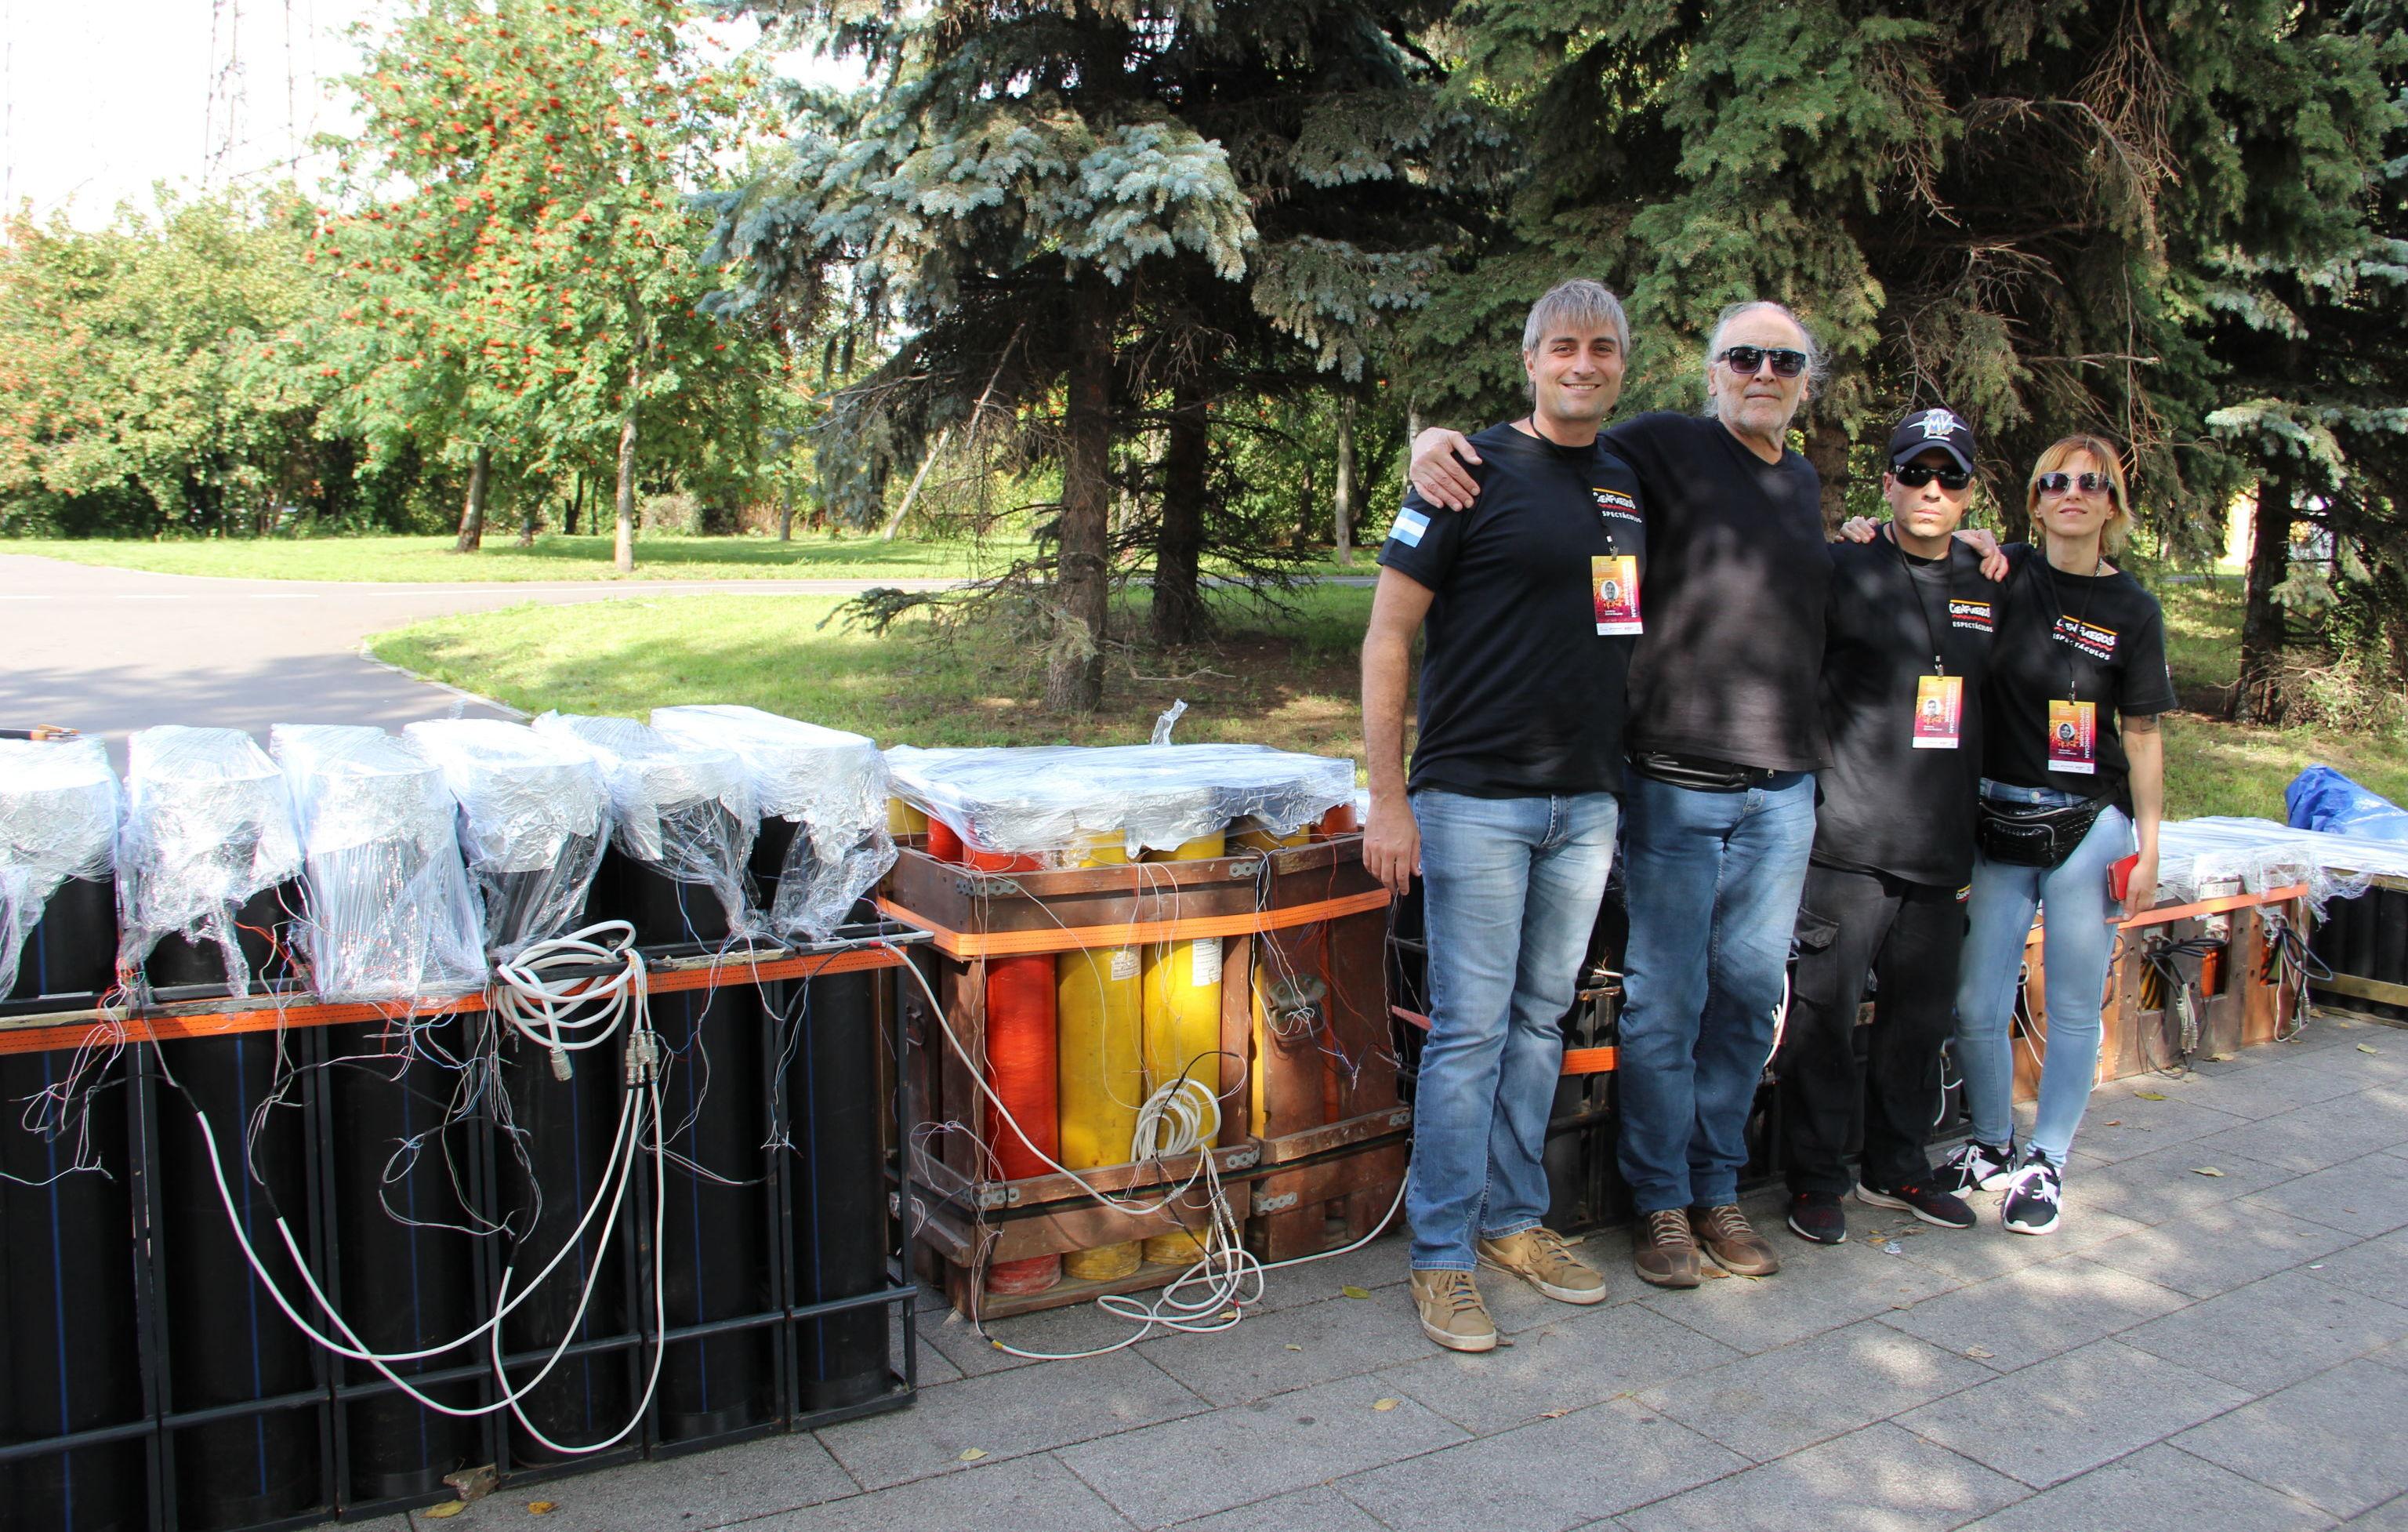 El equipo de Cienfuegos posa al lado de algunos de los fuegos artificiales que usarán en su presentación